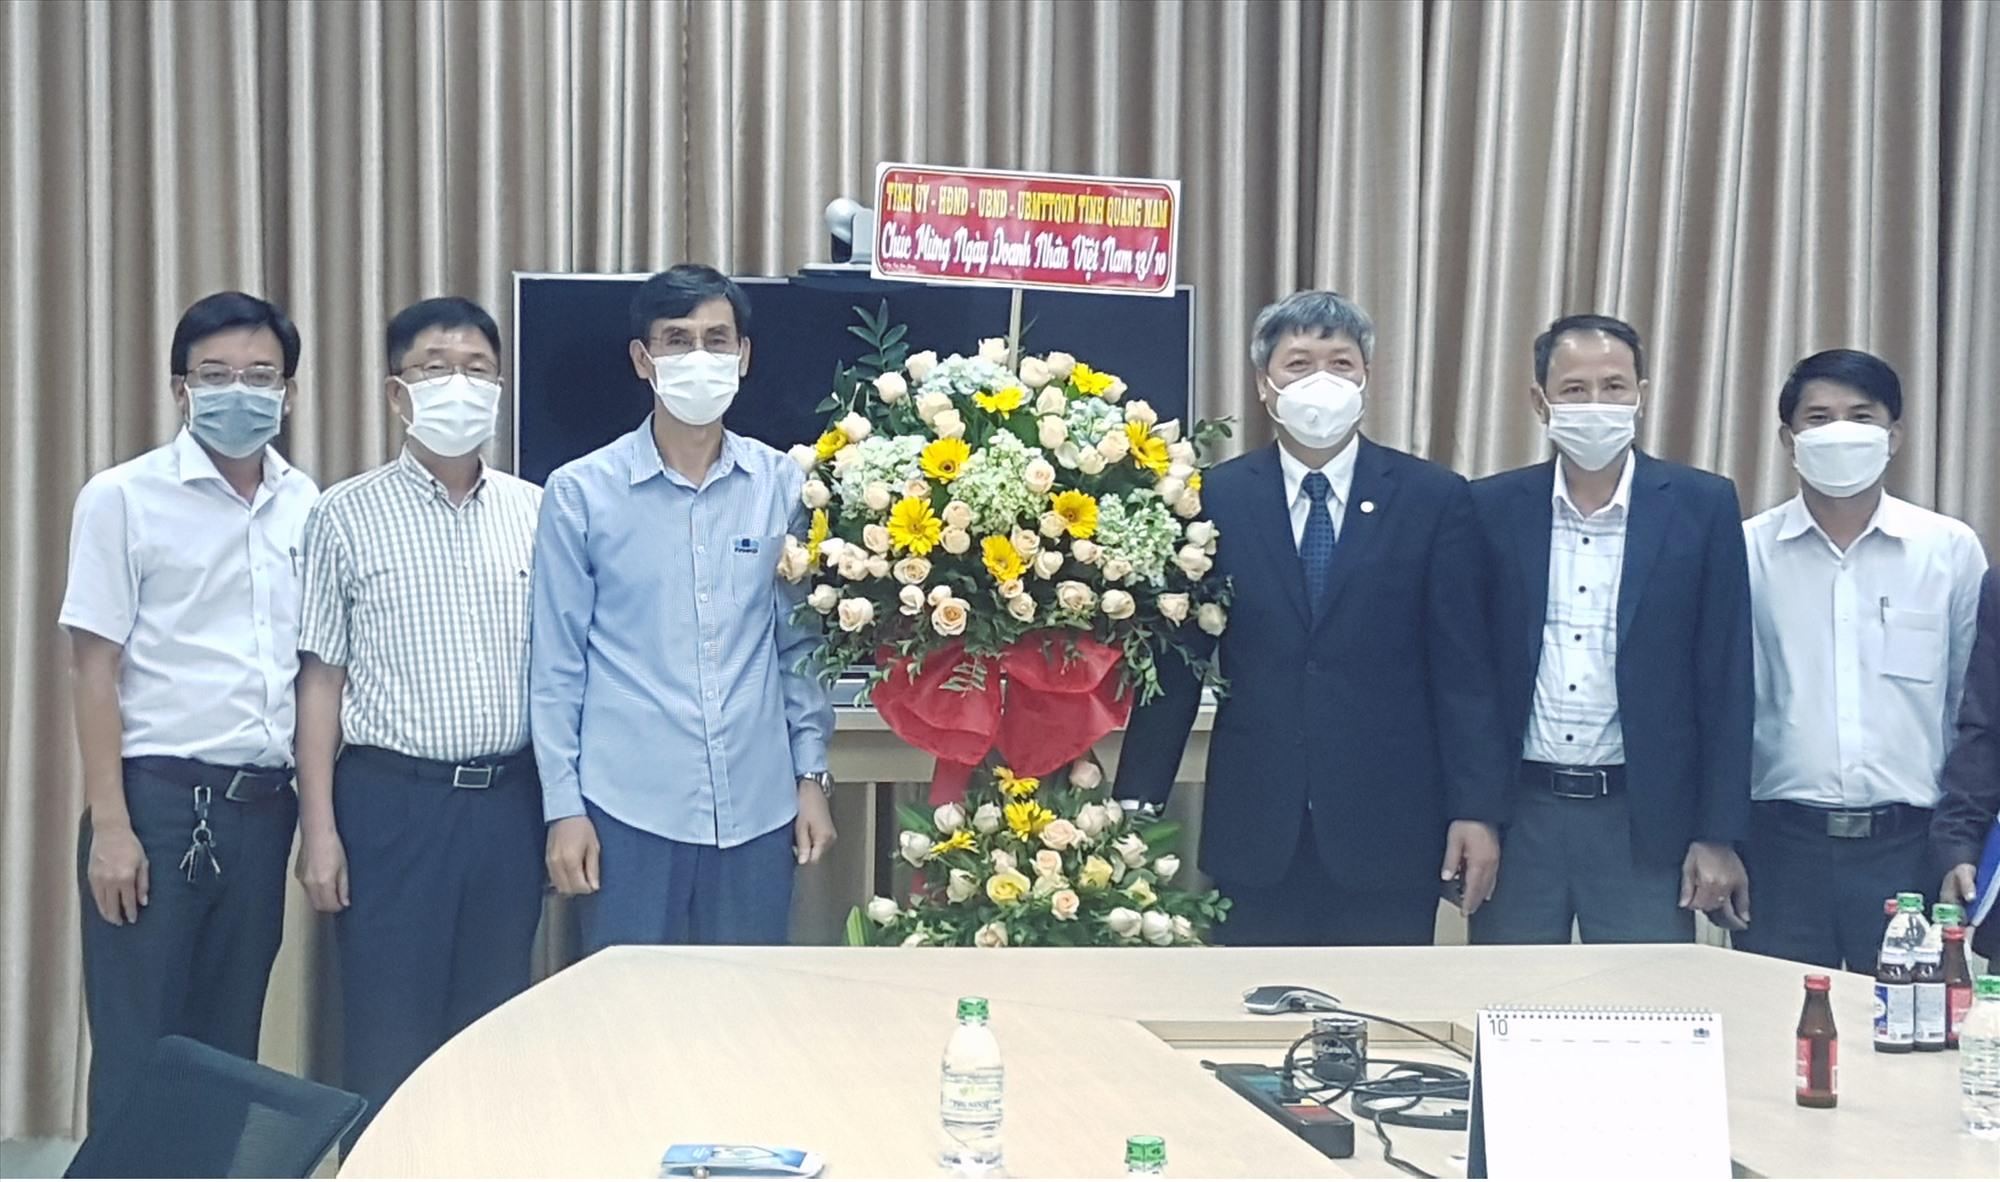 Lãnh đạo tỉnh thăm, tặng hoa chúc mừng tại Công ty TNHH Panko Tam Thăng. Ảnh: D.L